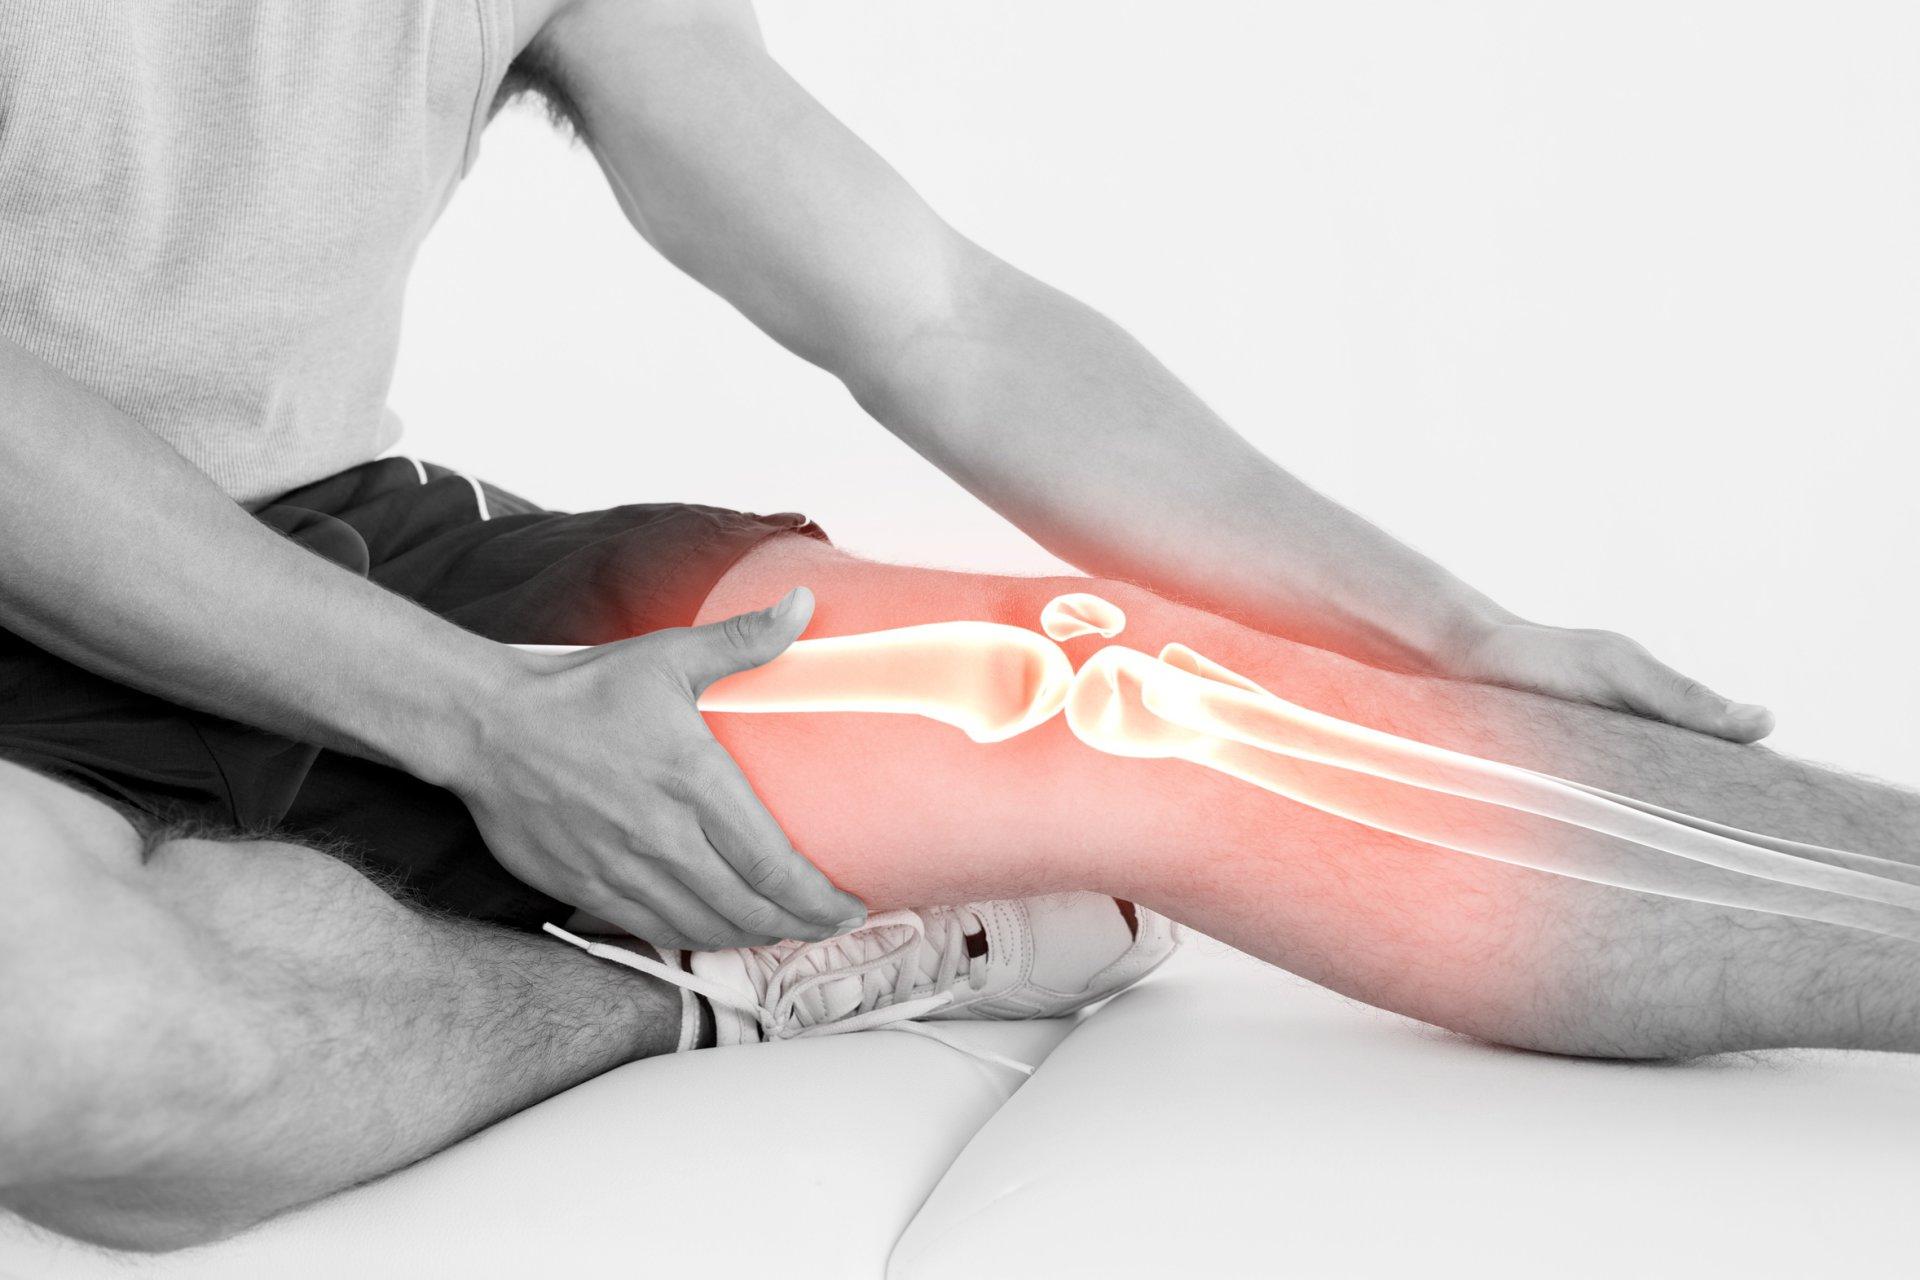 skausmas peties sąnario dešinės rankos ir tirpulys pirštų gydomasis tepalas osteochondrozės